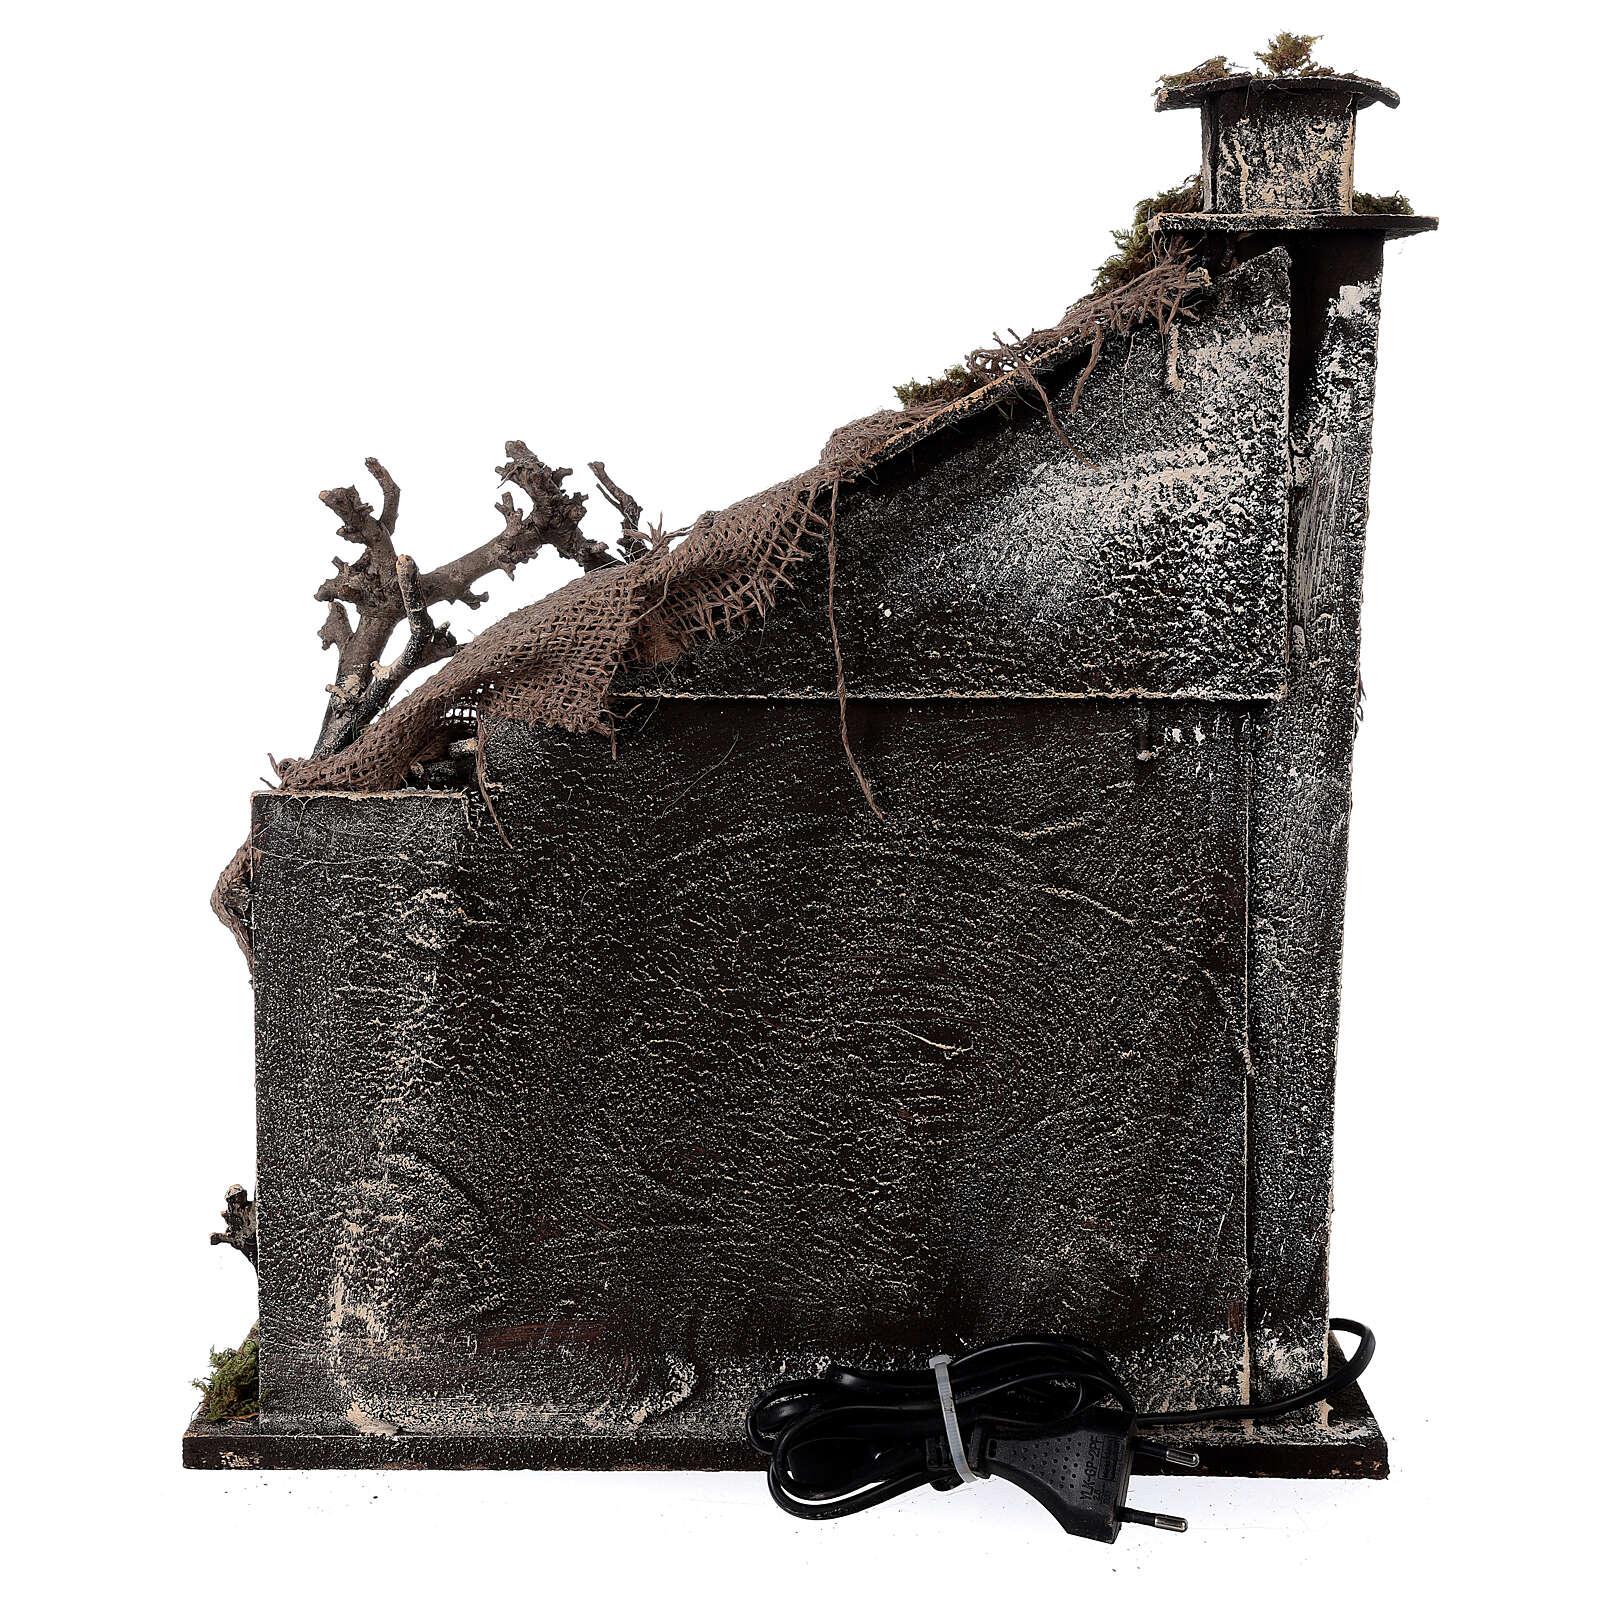 Capanna Natività portone tetto iuta statue 12 cm presepe napoletano 30x35x45 cm 4